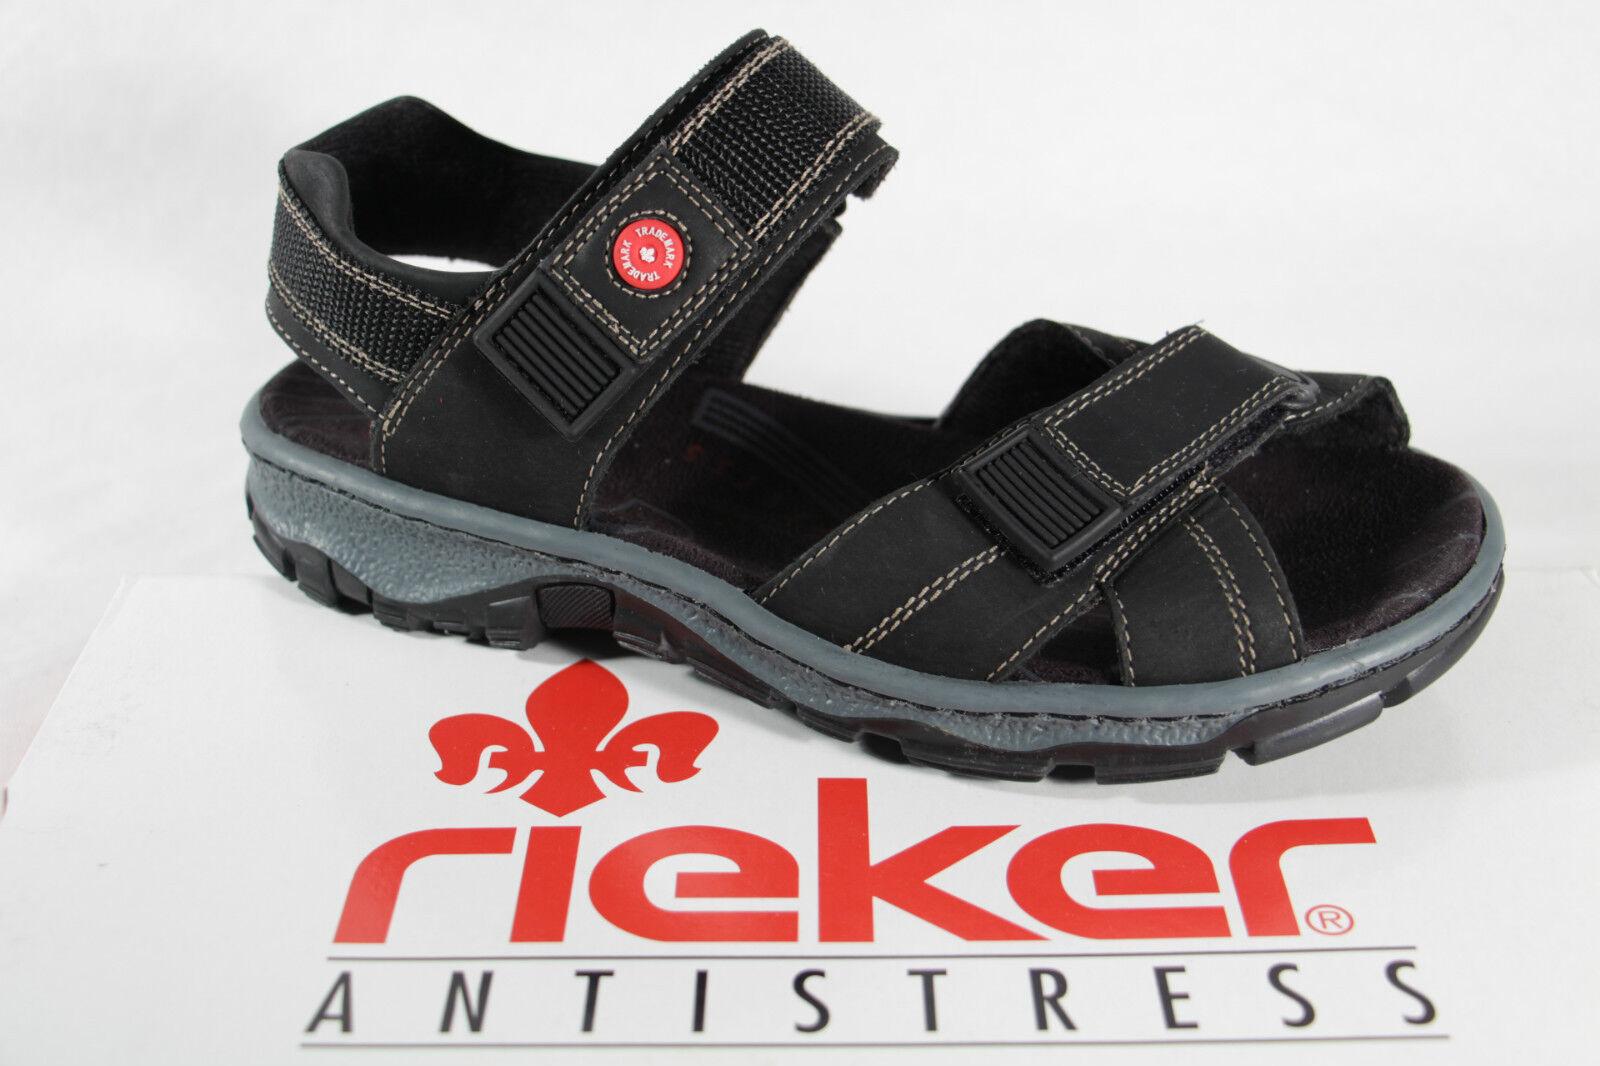 Rieker sandalias señora sandalias, negro, kv, suave plantilla interior 68851 nuevo!!!